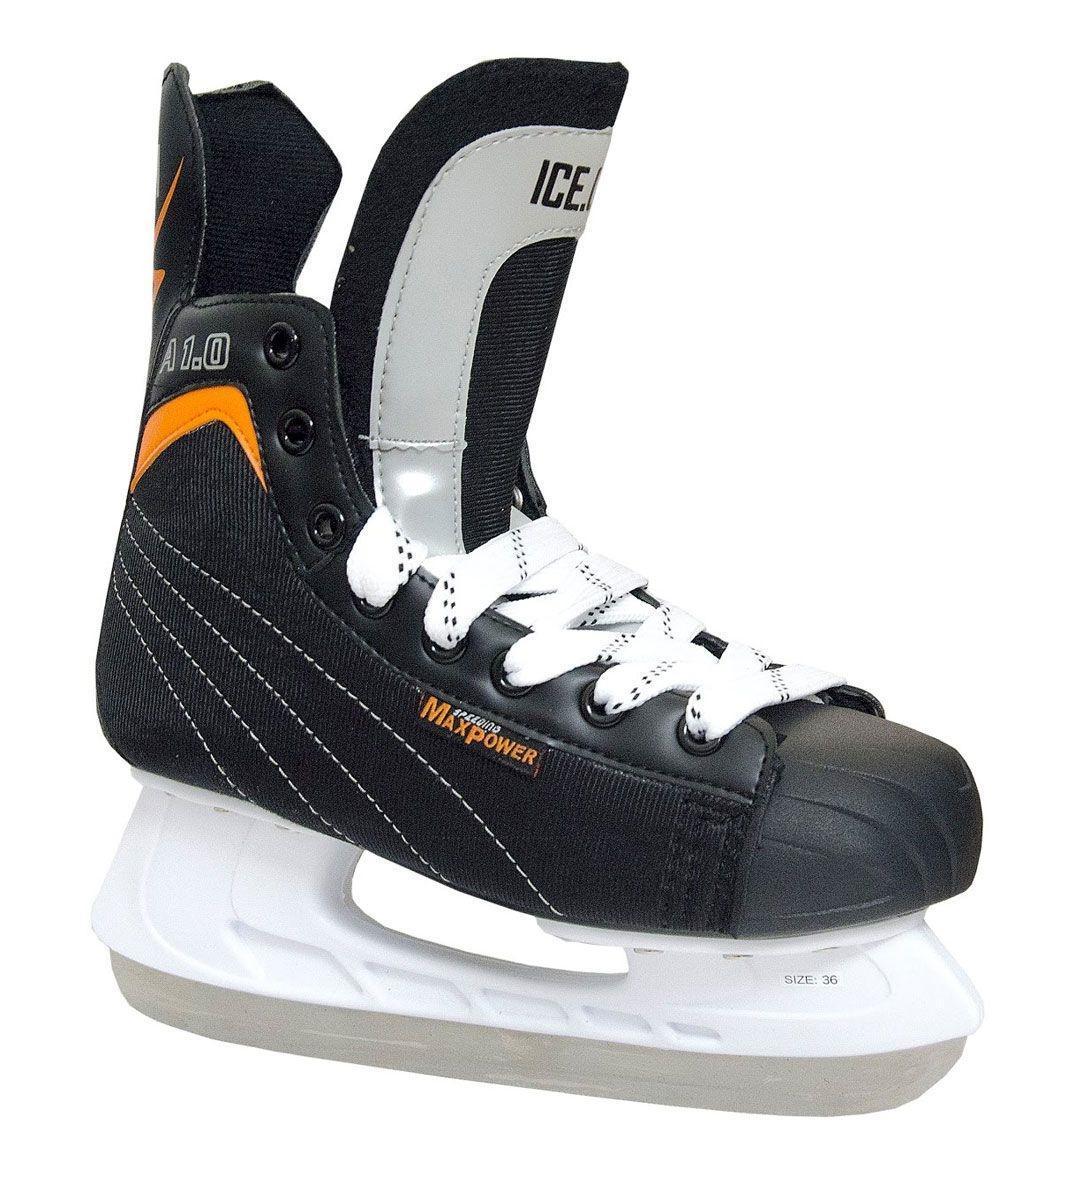 Коньки хоккейные Ice.Com A 1.0 2014, цвет: черный, оранжевый. Размер 44A 1.0 2014Коньки A 1.0 предназначены для игры в хоккей. Верх ботинка выполнен из морозостойкой искусственной кожи и нейлона. Мысок - морозостойкий ударопрочный PU, подошва - морозостойкий ПВХ. Толстый войлочный язык. Удобный высокий ботинок с широкой анатомической колодкой позволяет надежно фиксировать голеностоп.Для того, чтобы Вам максимально точно подобрать размер коньков, узнайте длину стопы с точностью до миллиметра. Для этого поставьте босую ногу на лист бумаги А4 и отметьте на бумаге самые крайние точки Вашей стопы (пятка и носок). Затем измерьте обычной линейкой расстояние (до миллиметра) между этими отметками на бумаге. Не забудьте учесть 2-3 мм запаса под носок.